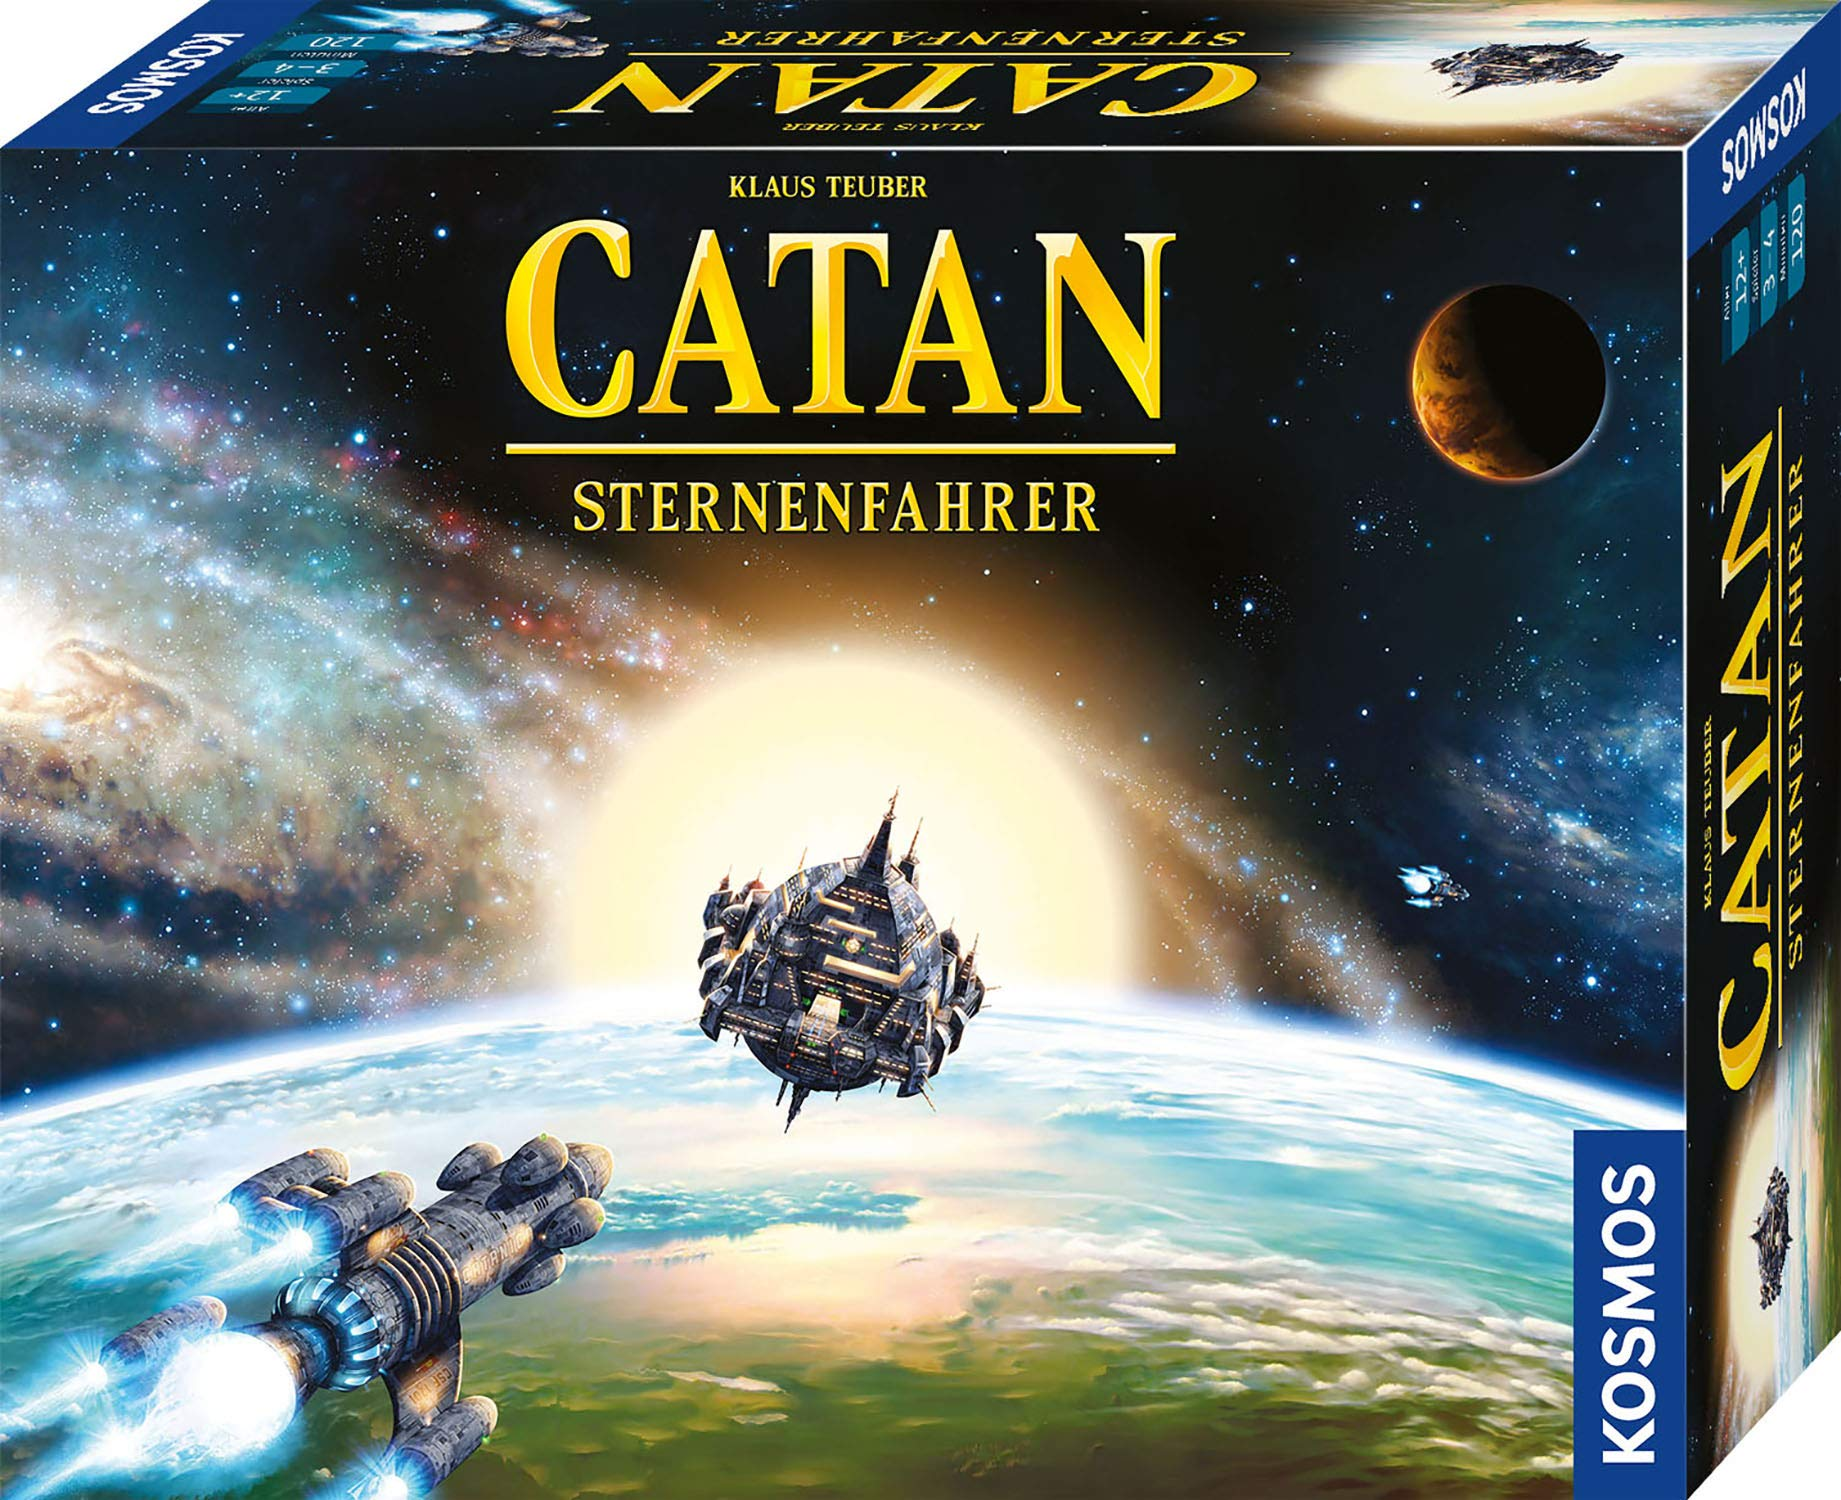 Catan Sternenfahrer: 3 - 4 Spieler: Amazon.es: Libros en idiomas extranjeros